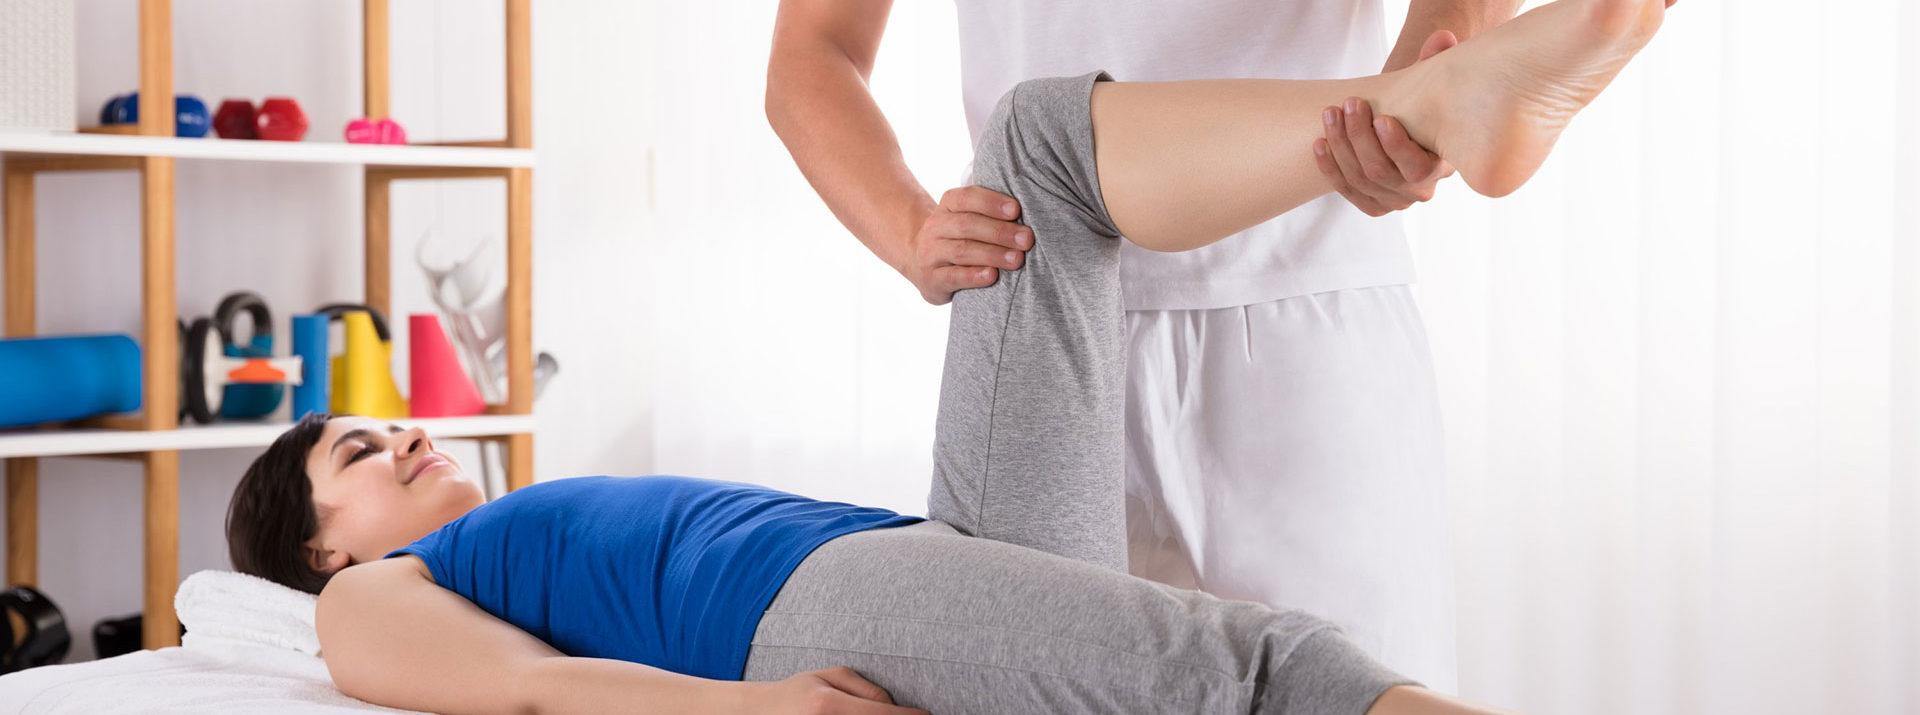 Massage Therapy Center - Centro Massaggi Fisioterapia Martina Franca